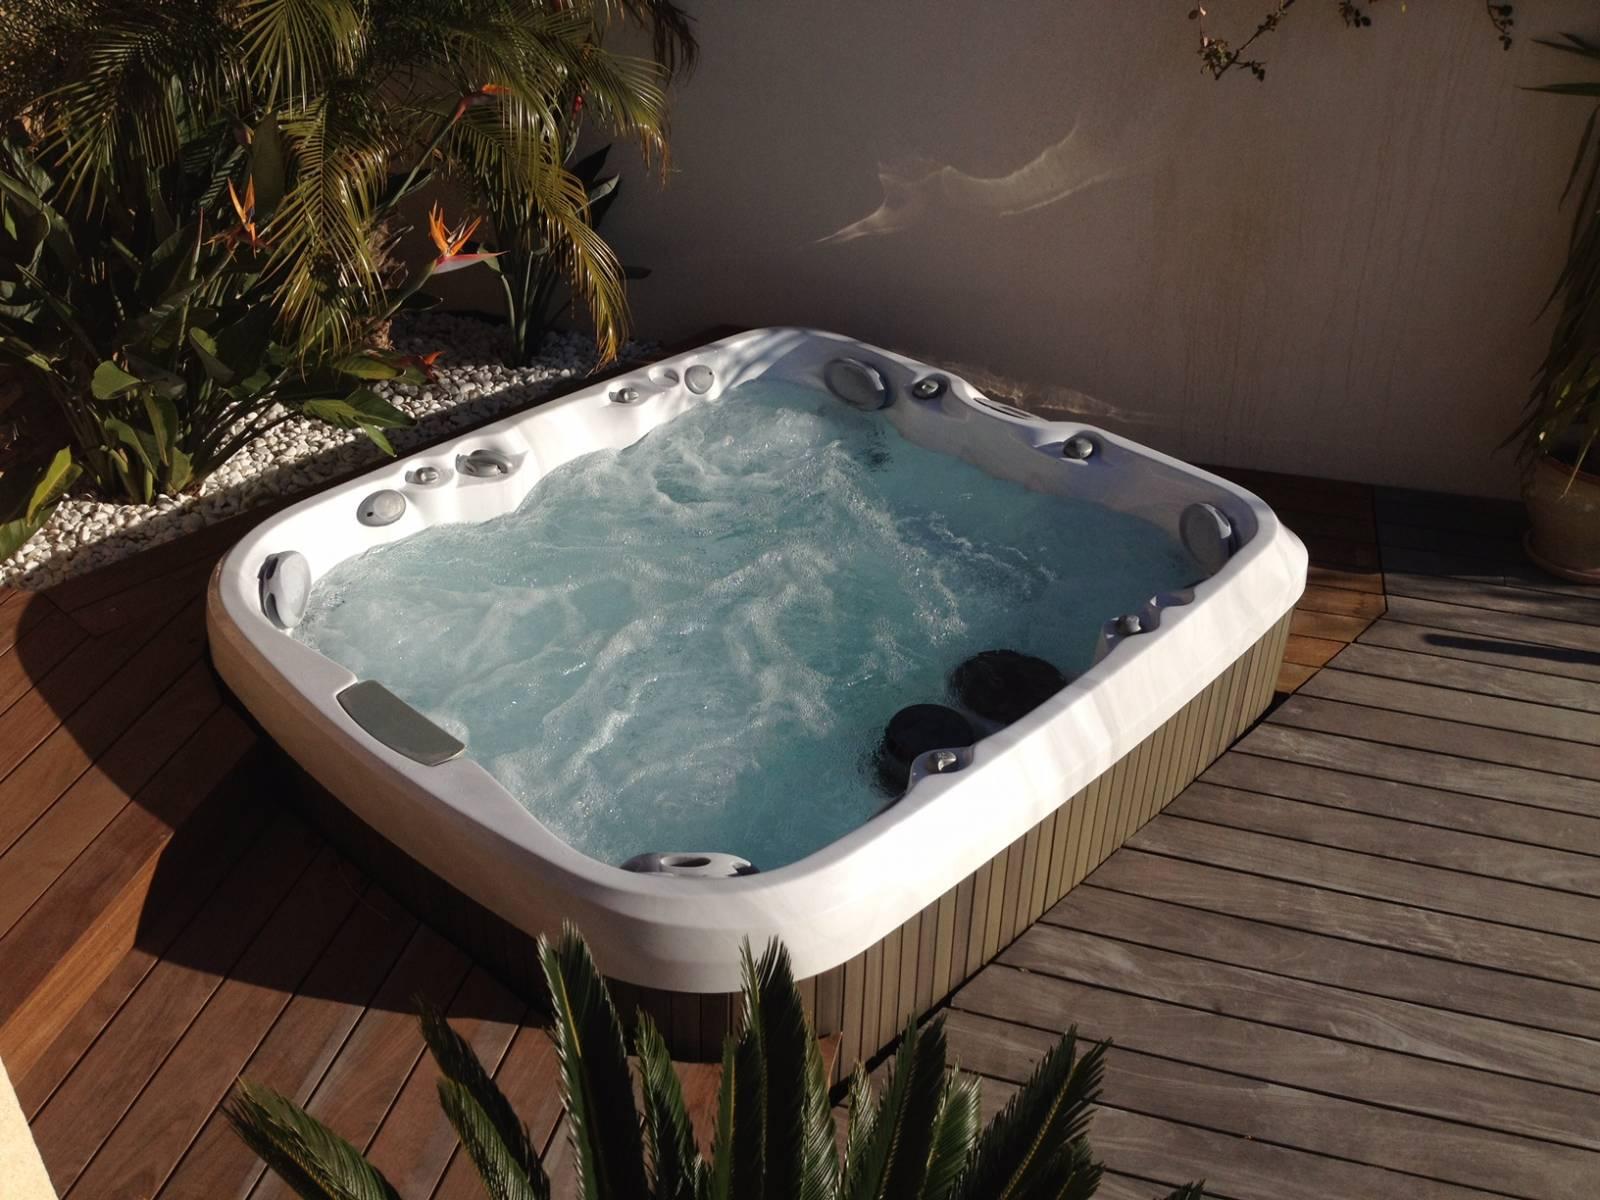 Materiel Piscine La Ciotat installation de spa jacuzzi pour 5 personnes à la ciotat